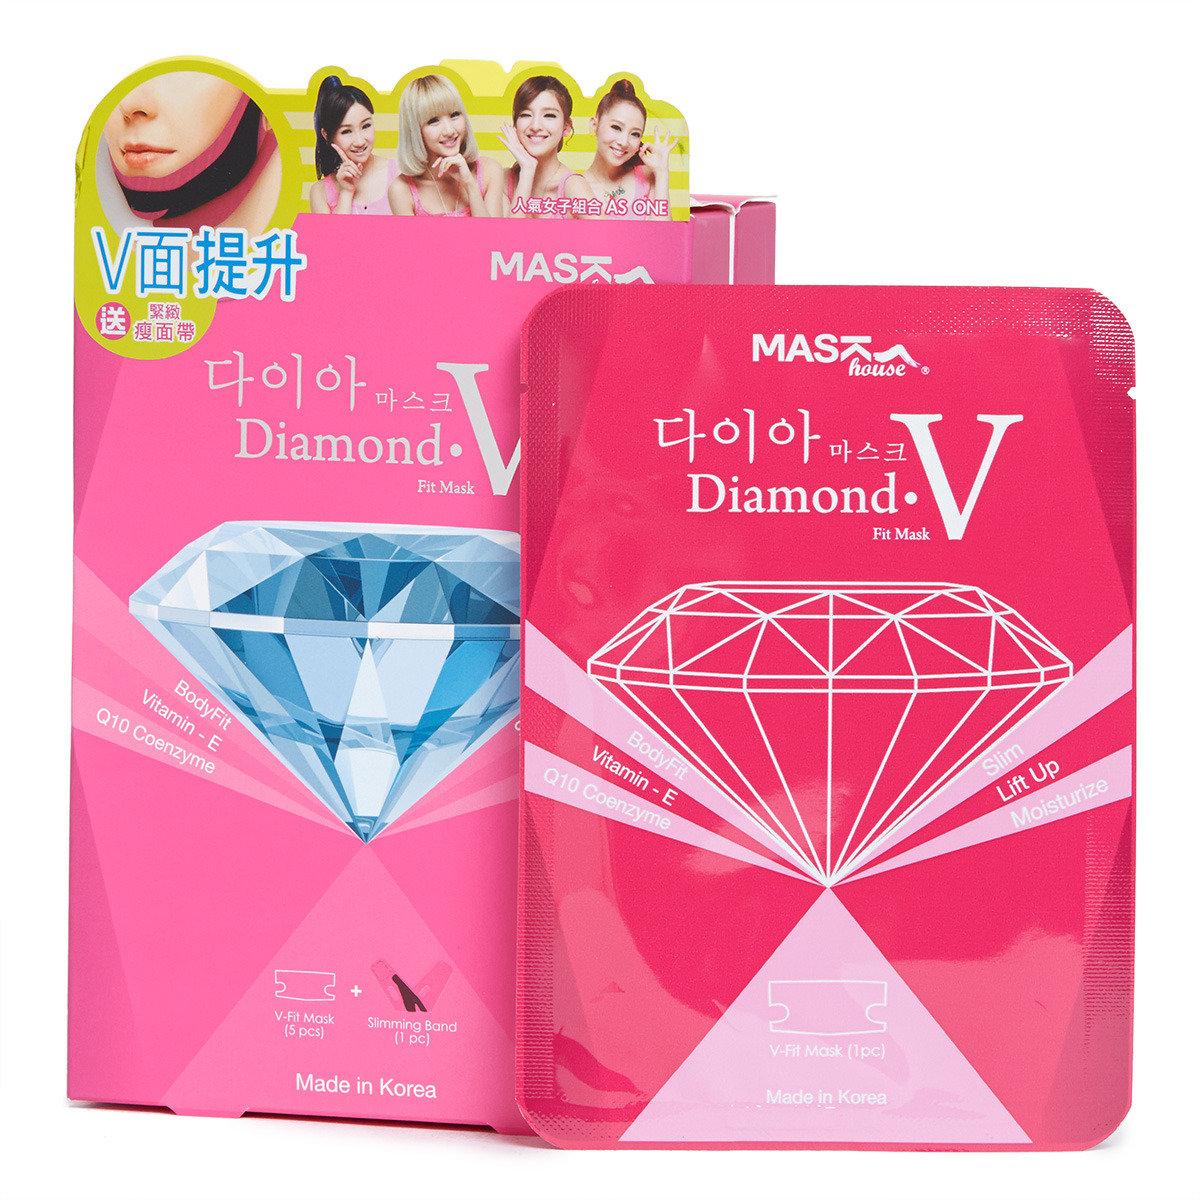 鑚石級V型纖面膜套裝 (V-FIT 面膜+ 瘦面帶)